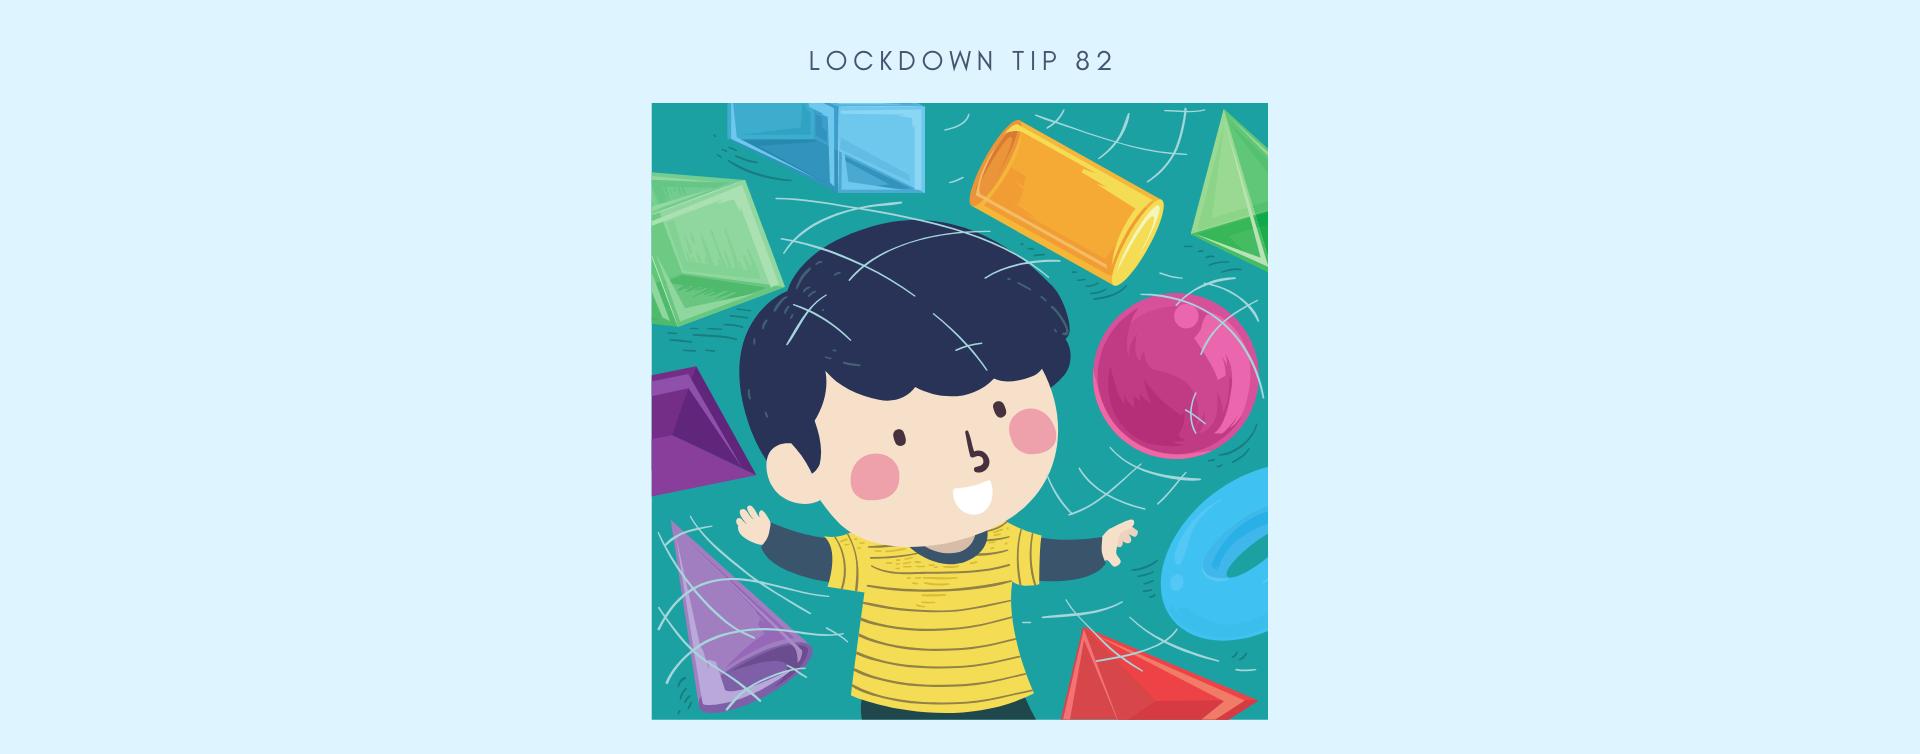 MCSA Lockdown Tip 82